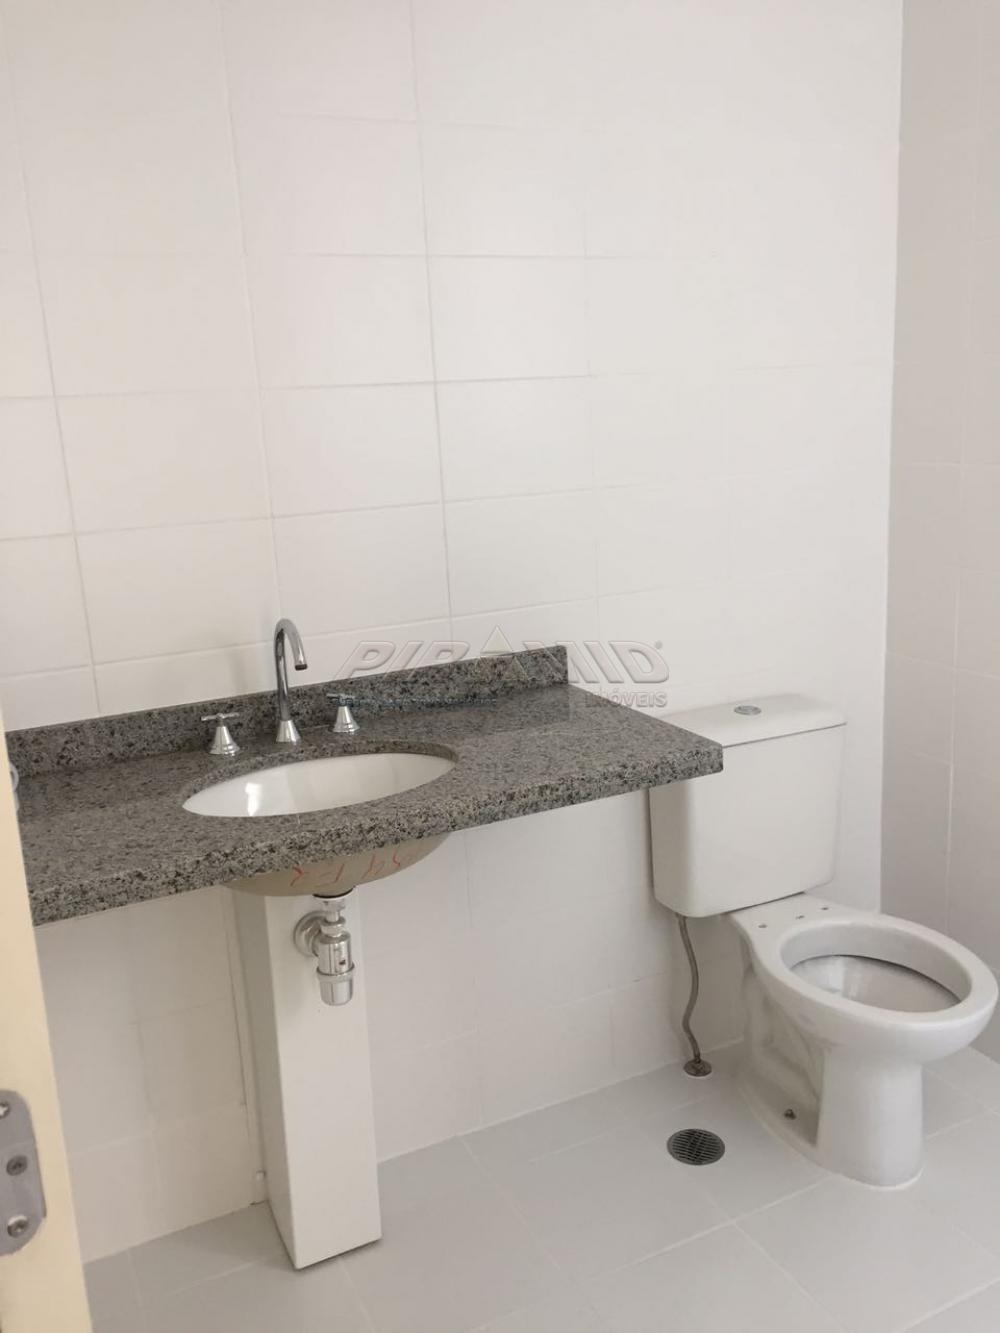 Comprar Apartamento / Padrão em Ribeirão Preto apenas R$ 530.000,00 - Foto 9